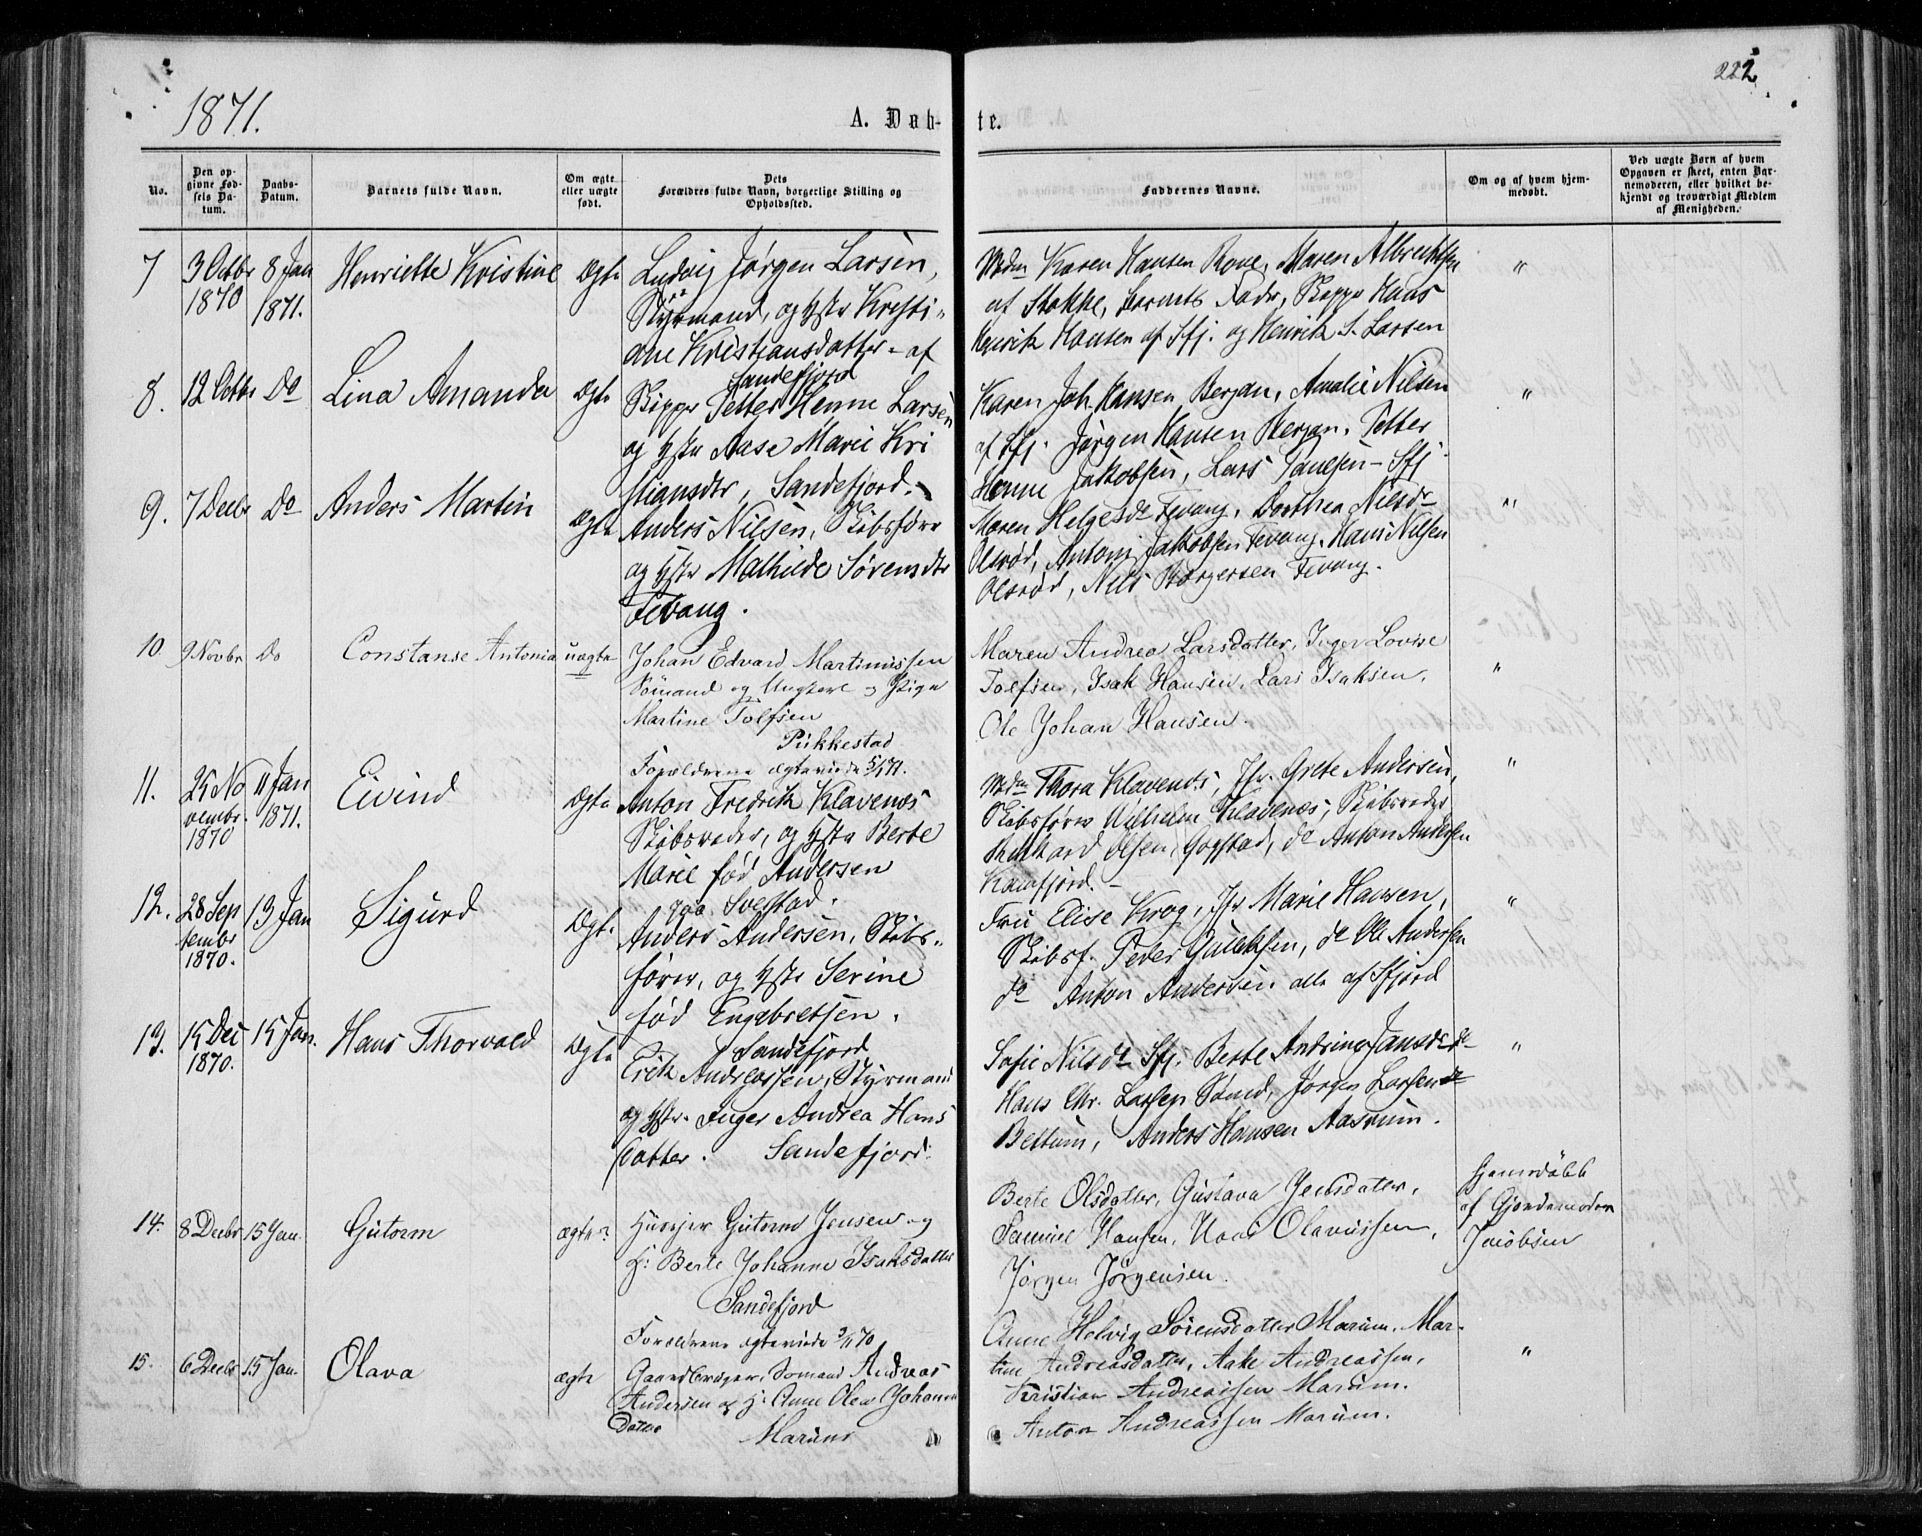 SAKO, Sandar kirkebøker, F/Fa/L0008: Ministerialbok nr. 8, 1862-1871, s. 222